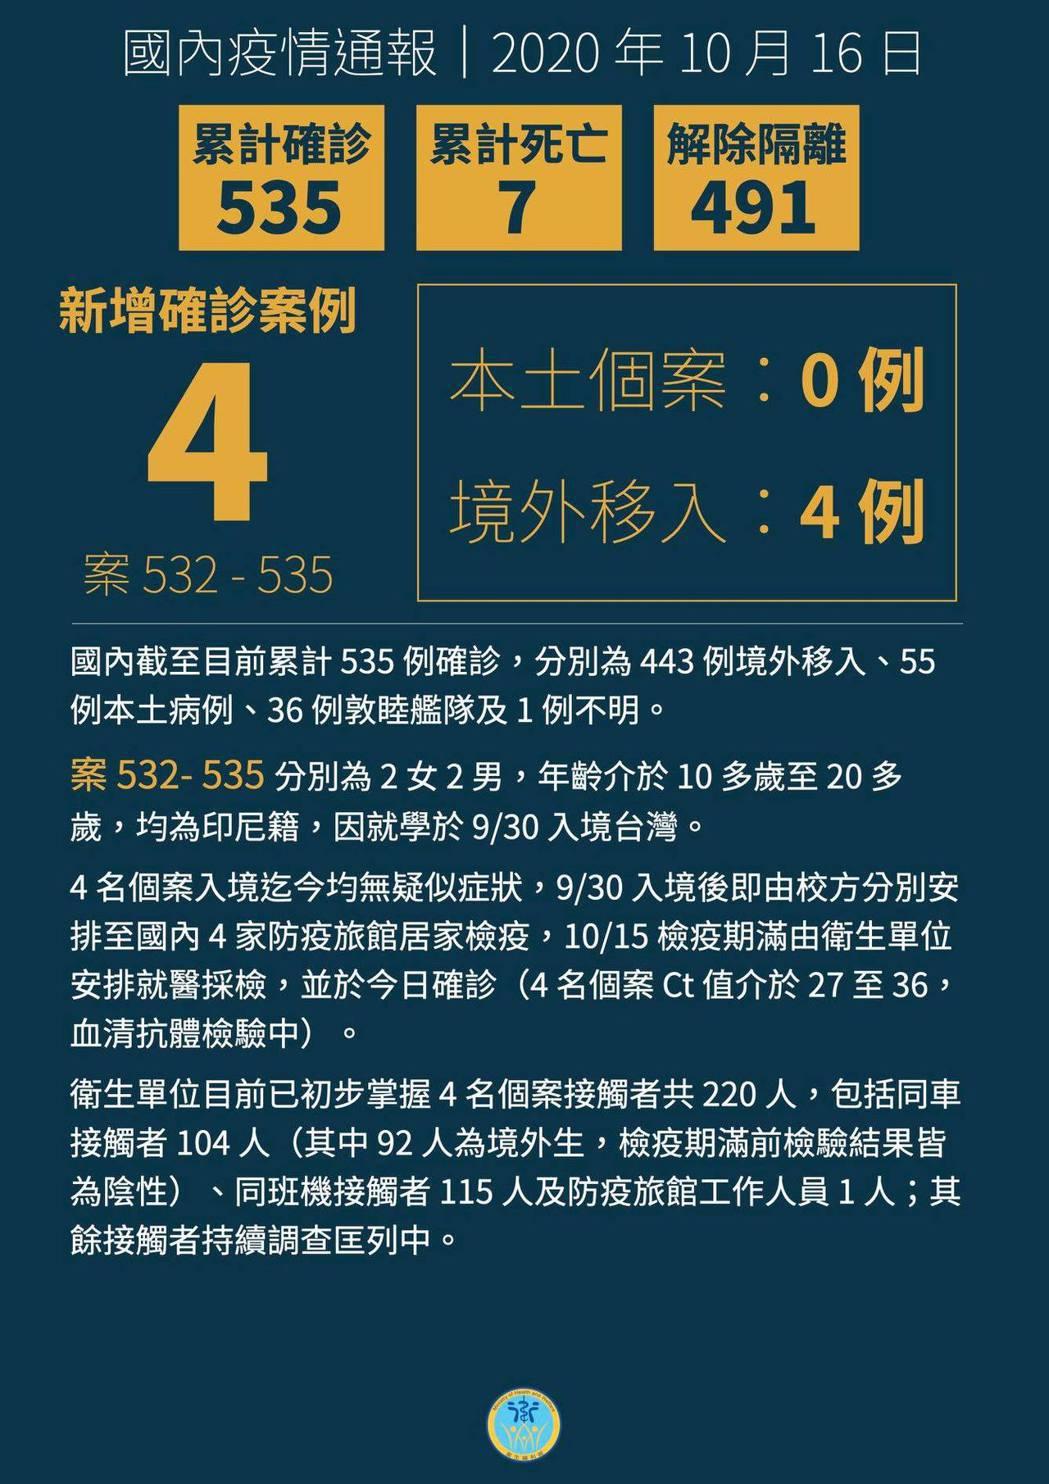 國內新增4例境外移入新冠肺炎病例。圖/指揮中心提供